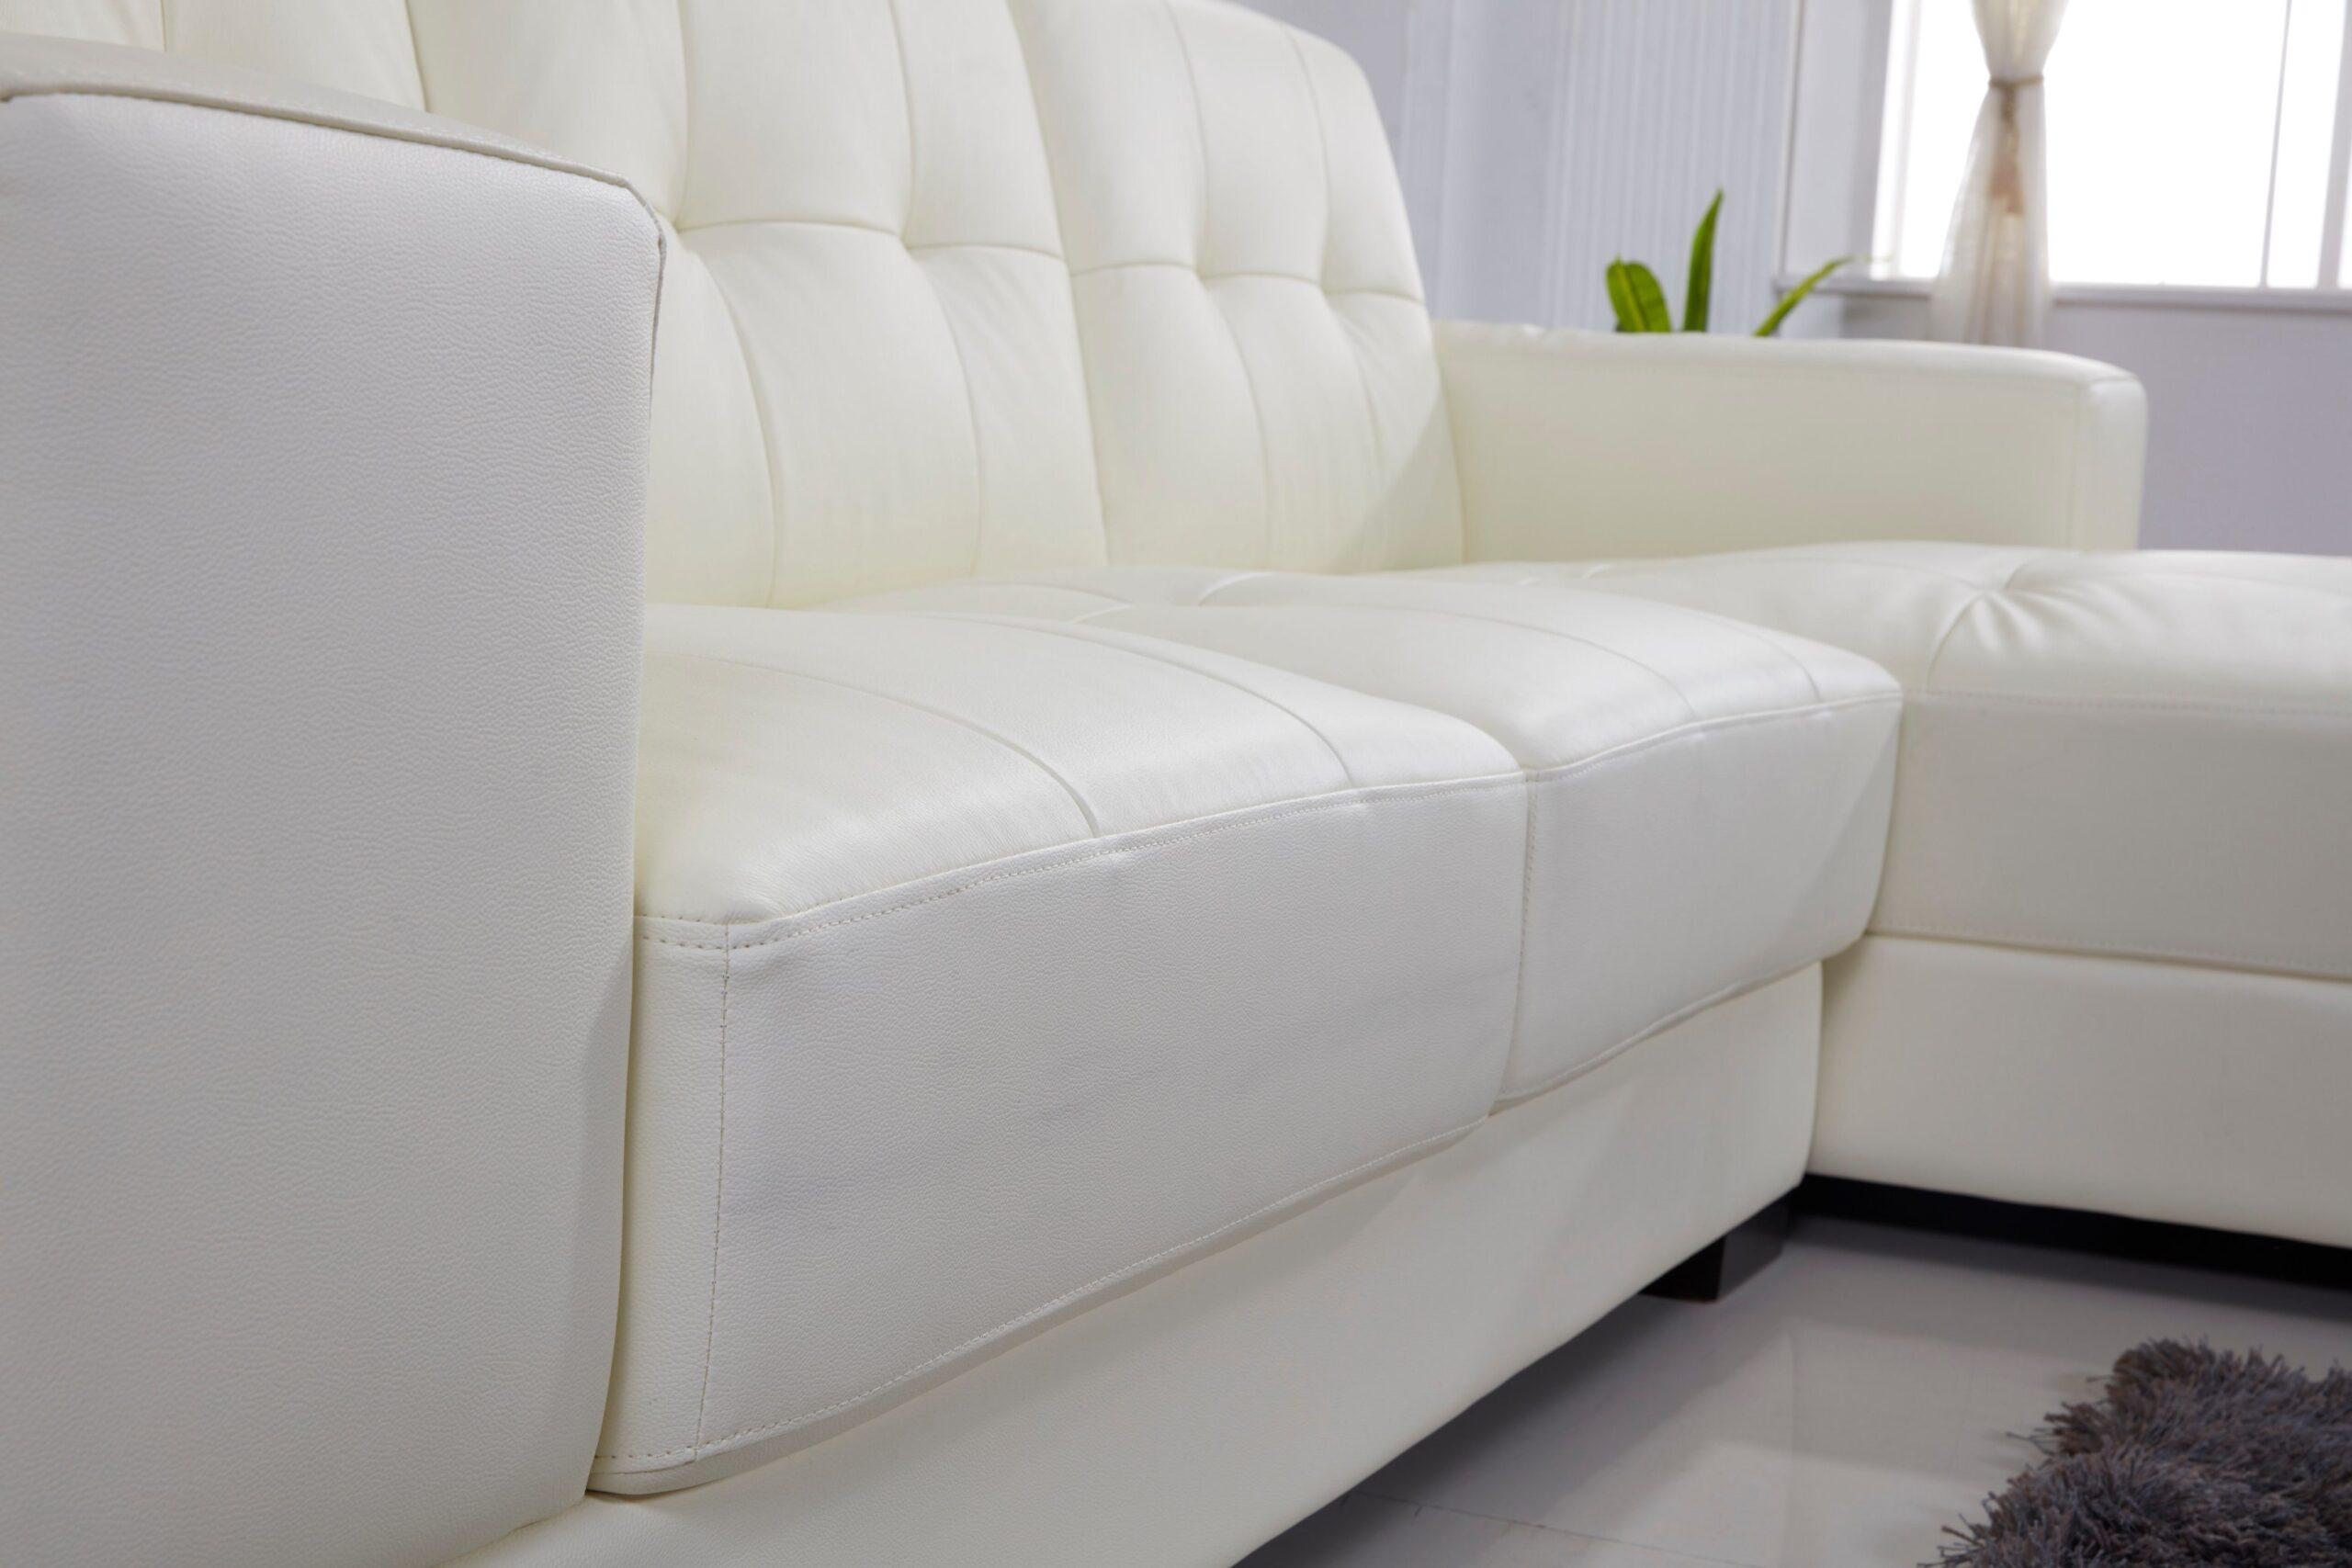 Full Size of Sofa Dhel Modulares Dehl Caseconradcom Landhausstil Karup Rattan Mit Elektrischer Sitztiefenverstellung Luxus Reiniger Xxxl Canape Bezug Garnitur Ewald Wohnzimmer Sofa Dhel